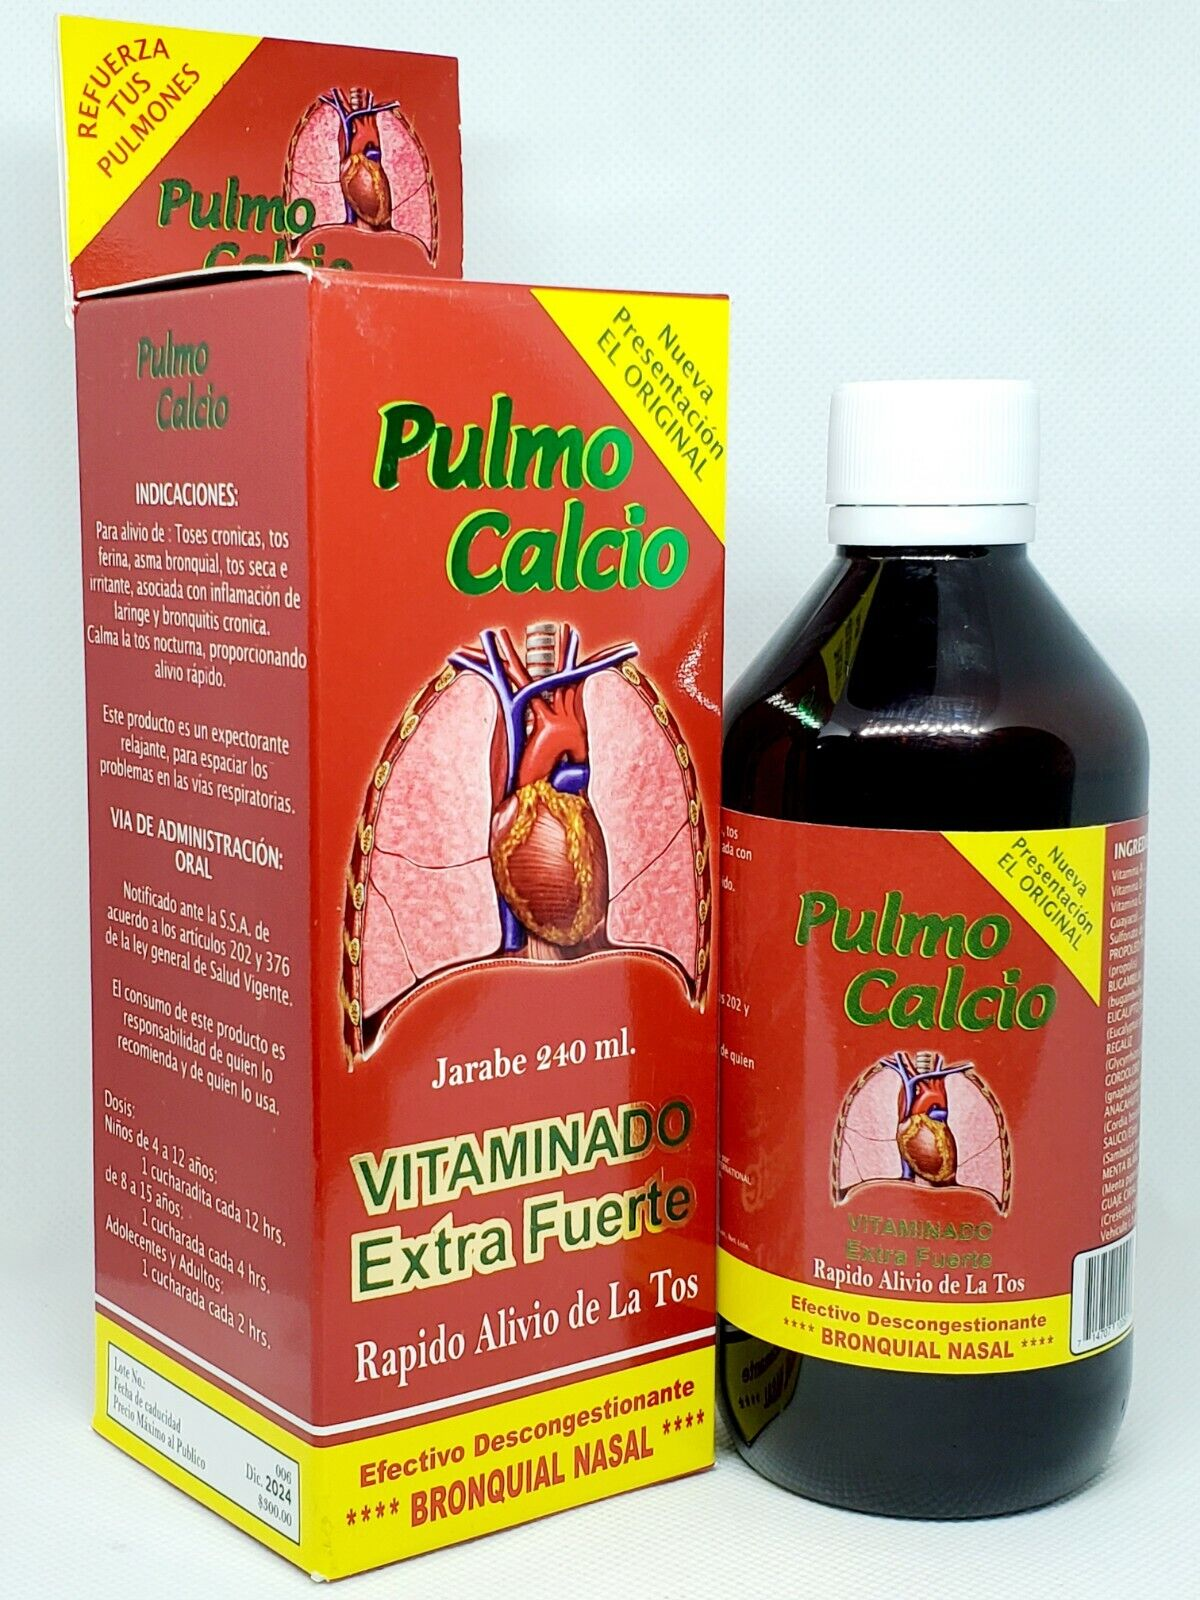 Pulmo Calcio Jarabe Expectorante Extra Fuerte Vitaminado Tos 240 ml. Syrup